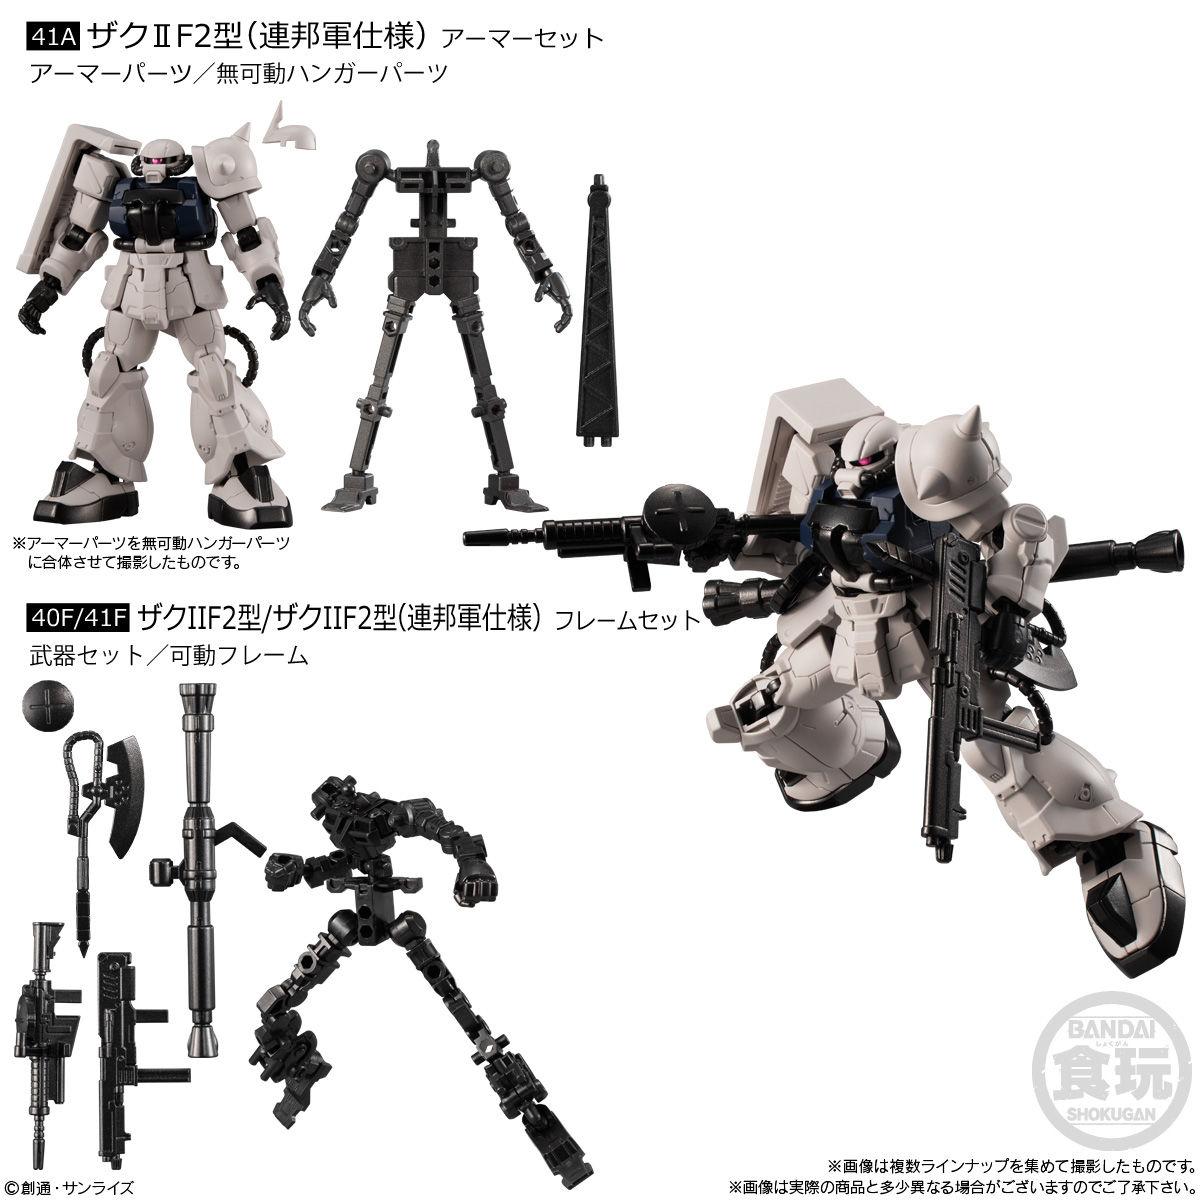 機動戦士ガンダム Gフレーム EX03 パーフェクトストライクガンダム&スカイグラスパー_4